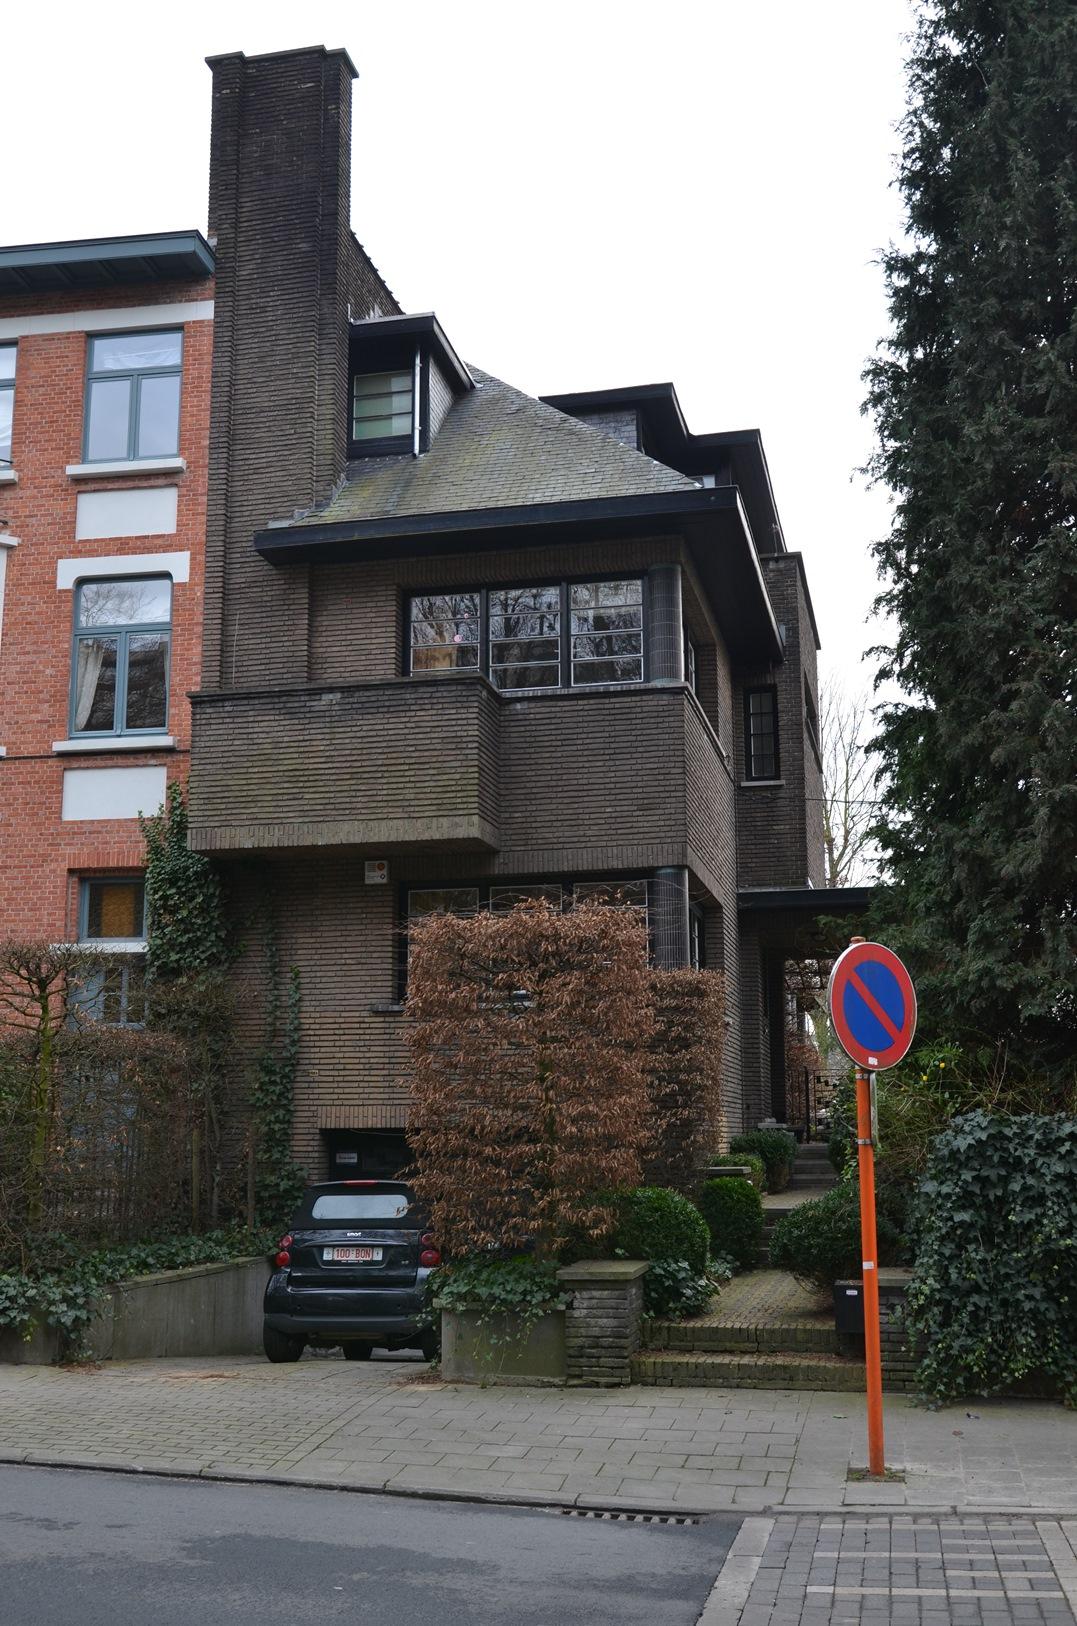 Uccle - Maison De Decker - Avenue Montjoie 118 - SPITTAEL Marcel